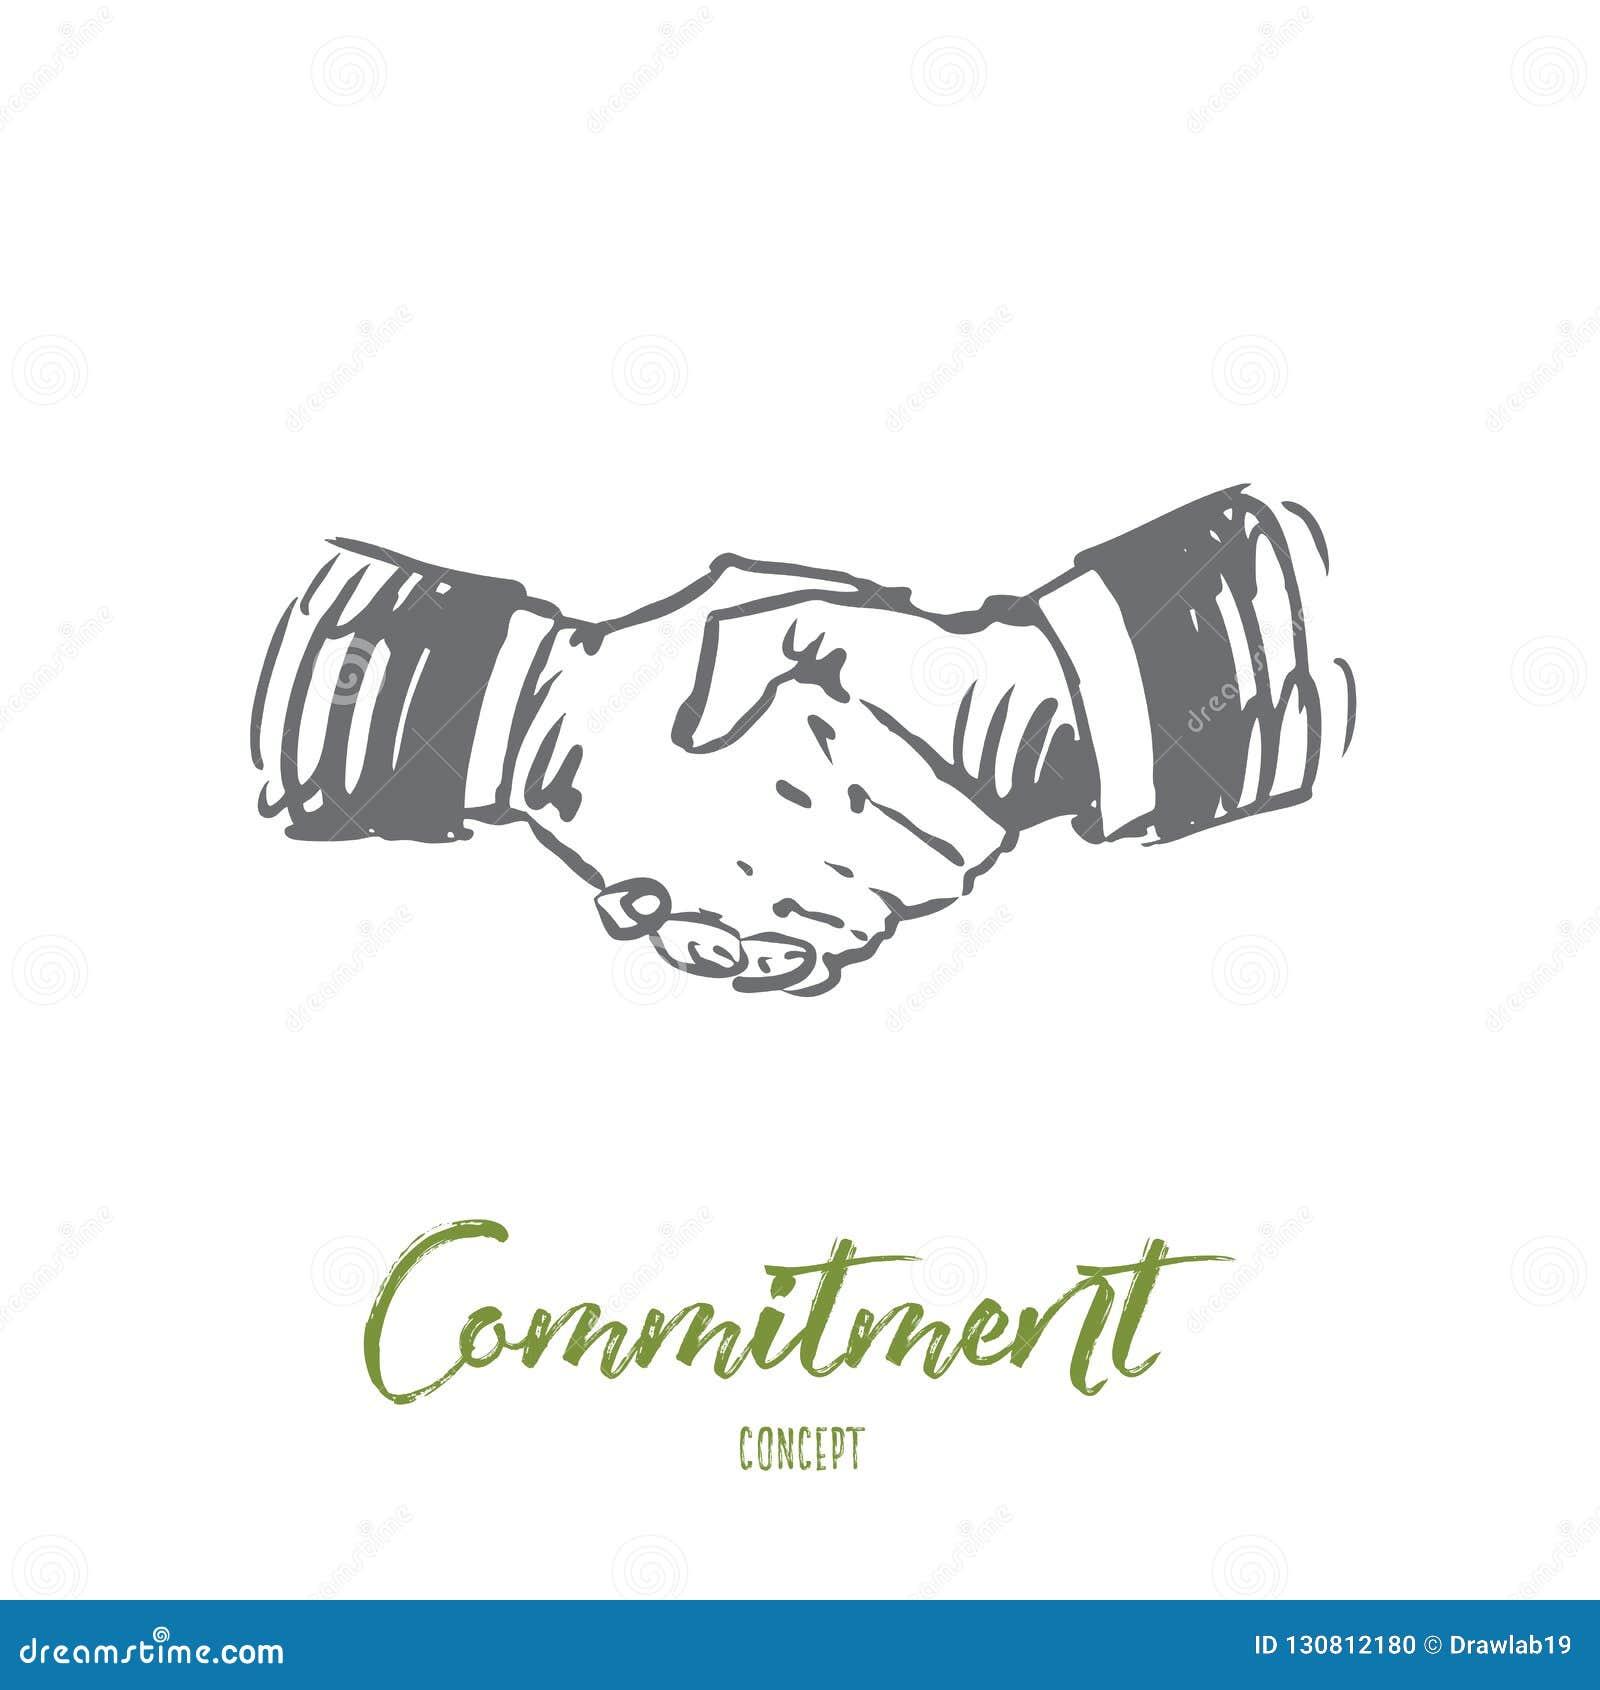 Verpflichtung, Hand, Abkommen, Geschäft, Partnerschaftskonzept Hand gezeichneter lokalisierter Vektor